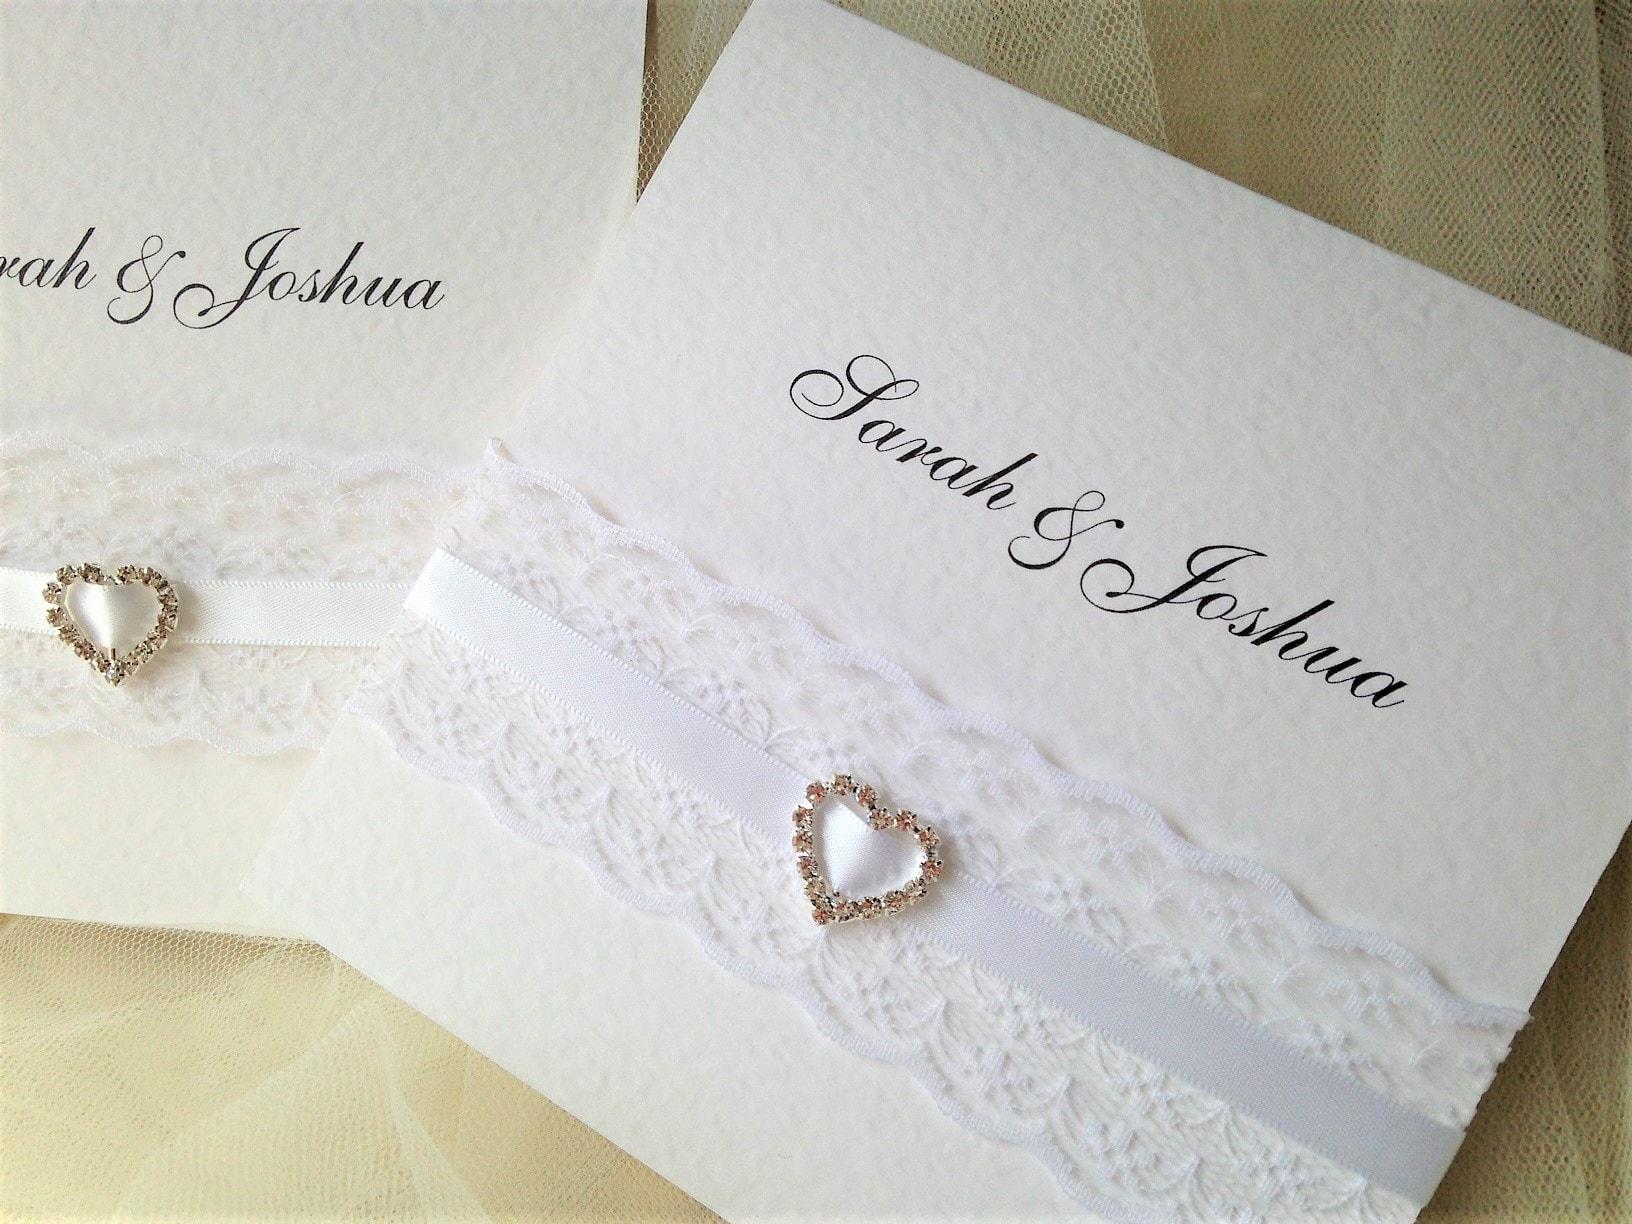 ribbon and lace pocketfold wedding invitations daisy chain invites